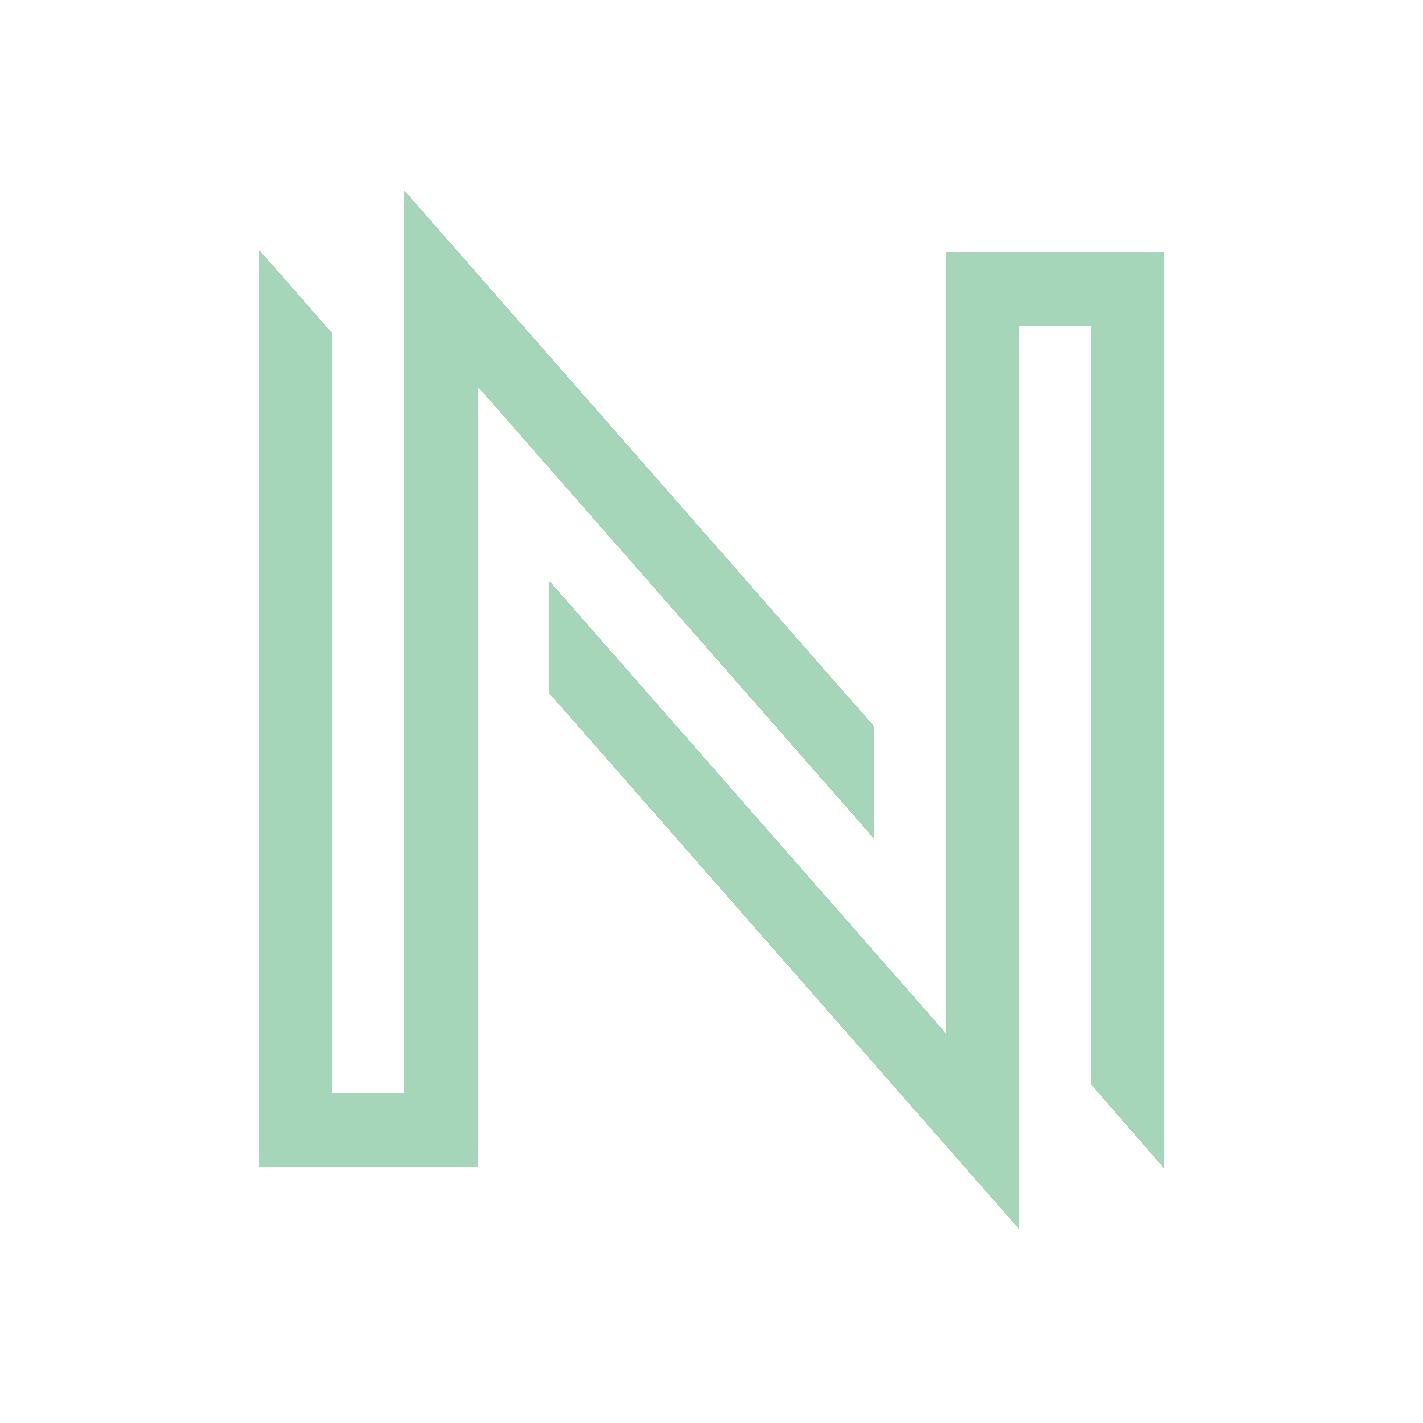 nordby_gulv_gulvstudio